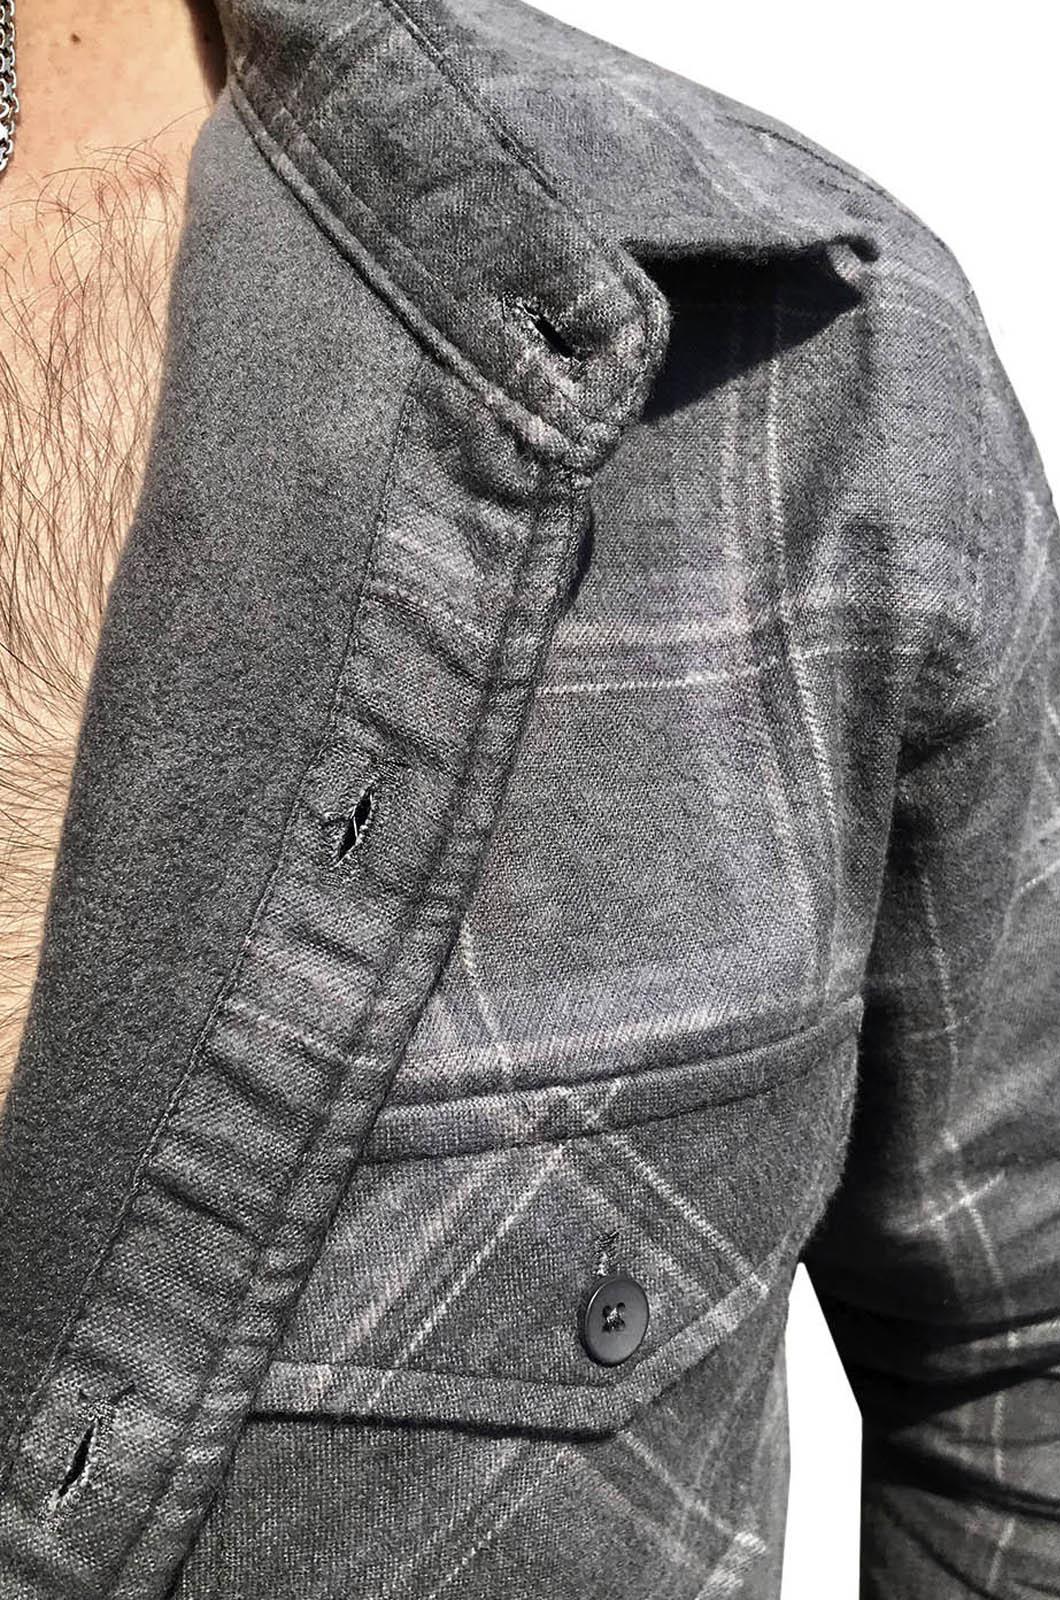 Классическая клетчатая рубашка с вышитым шевроном ЛНР - купить онлайн